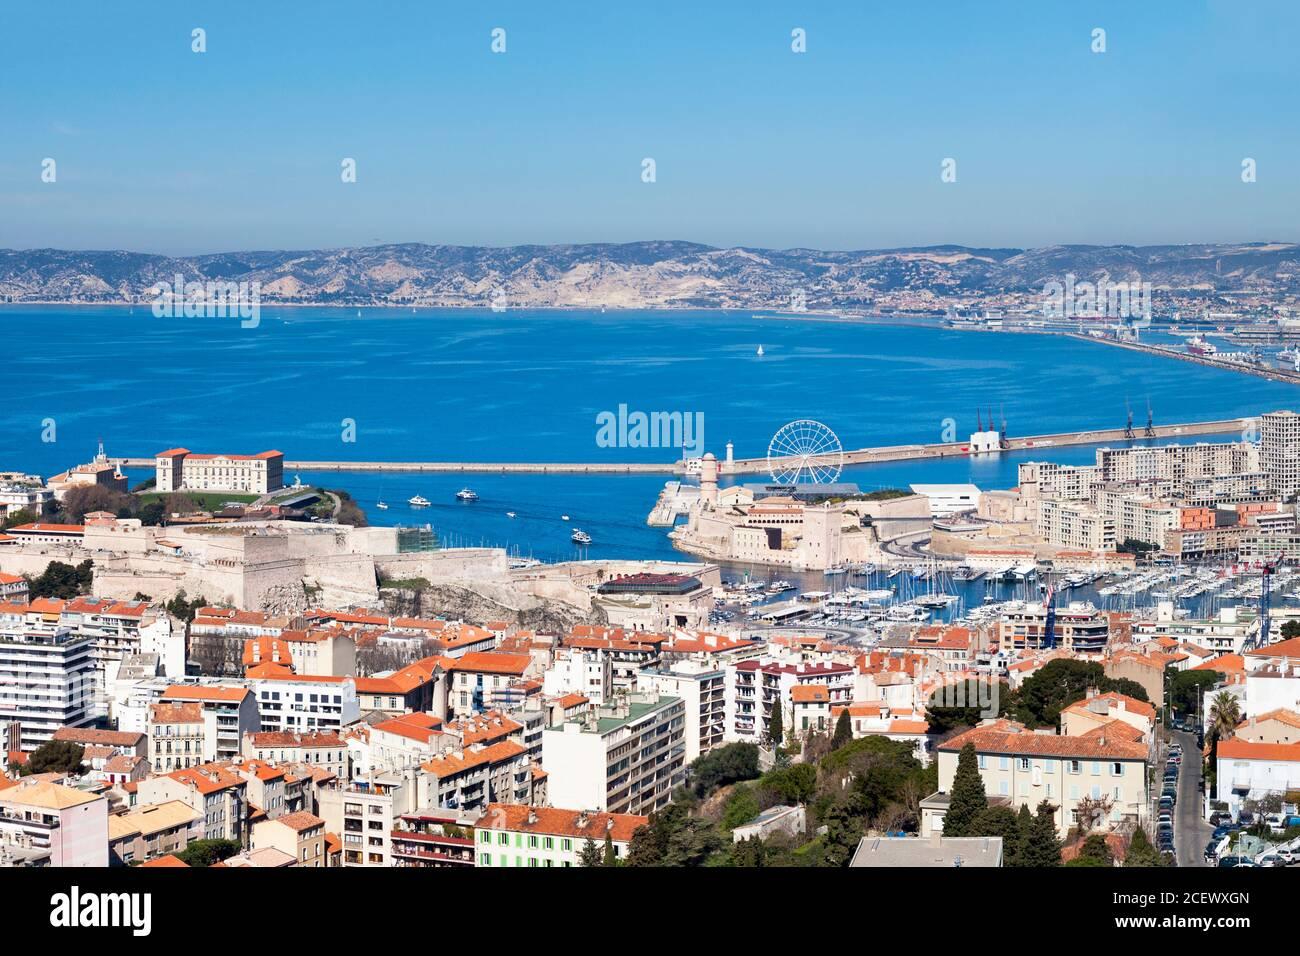 Vue aérienne du Vieux Port de Marseille avec le fort Saint-Jean, le Palais Pharo et le fort Saint-Nicolas. Banque D'Images